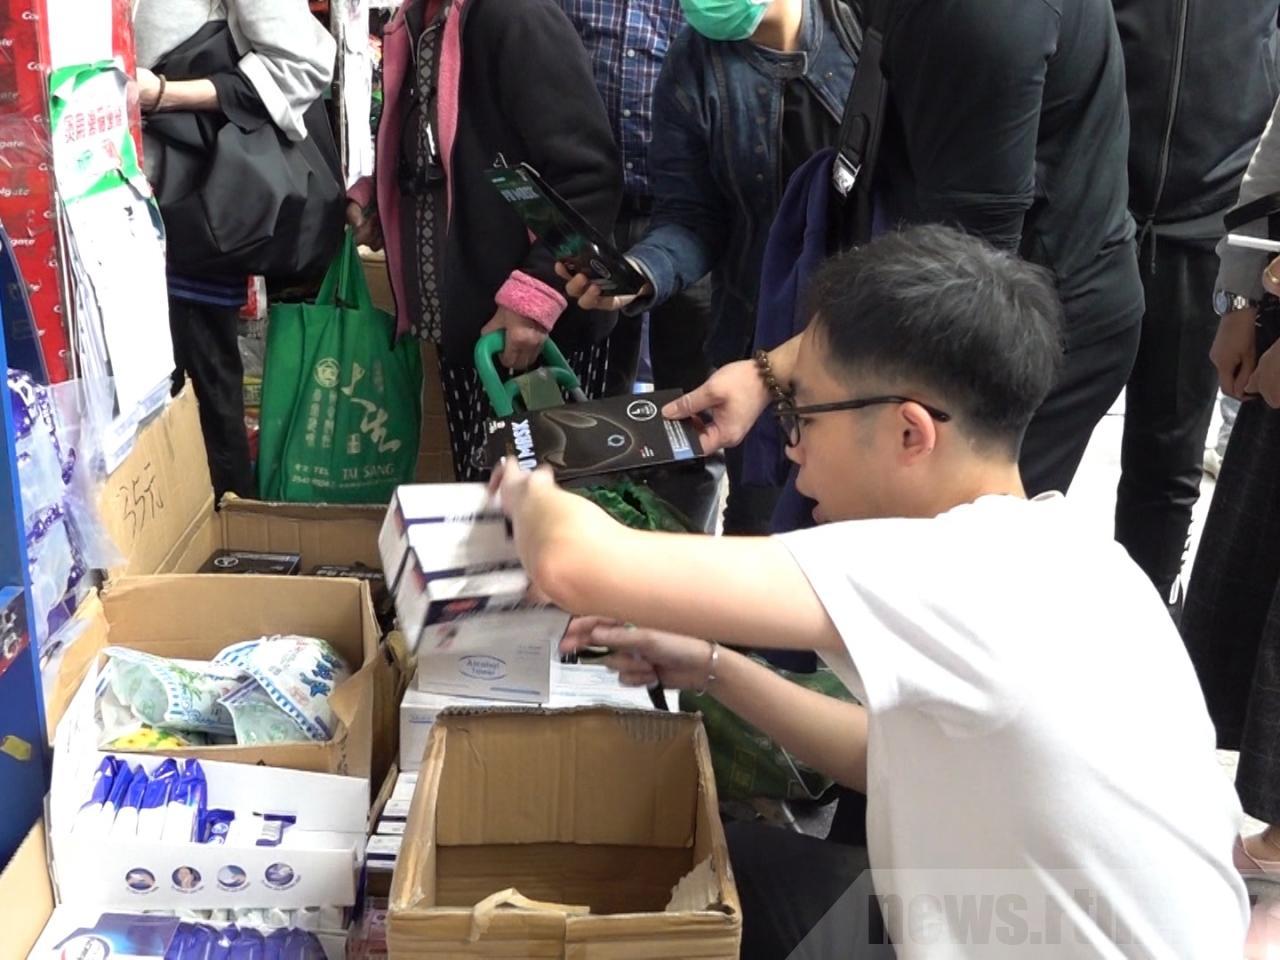 武漢肺炎來勢洶洶,武漢等13個市縣宣佈「封城」,本港確診個案仍不斷增加。人心惶惶之下,市面上的口罩被搶購。(RTHK)